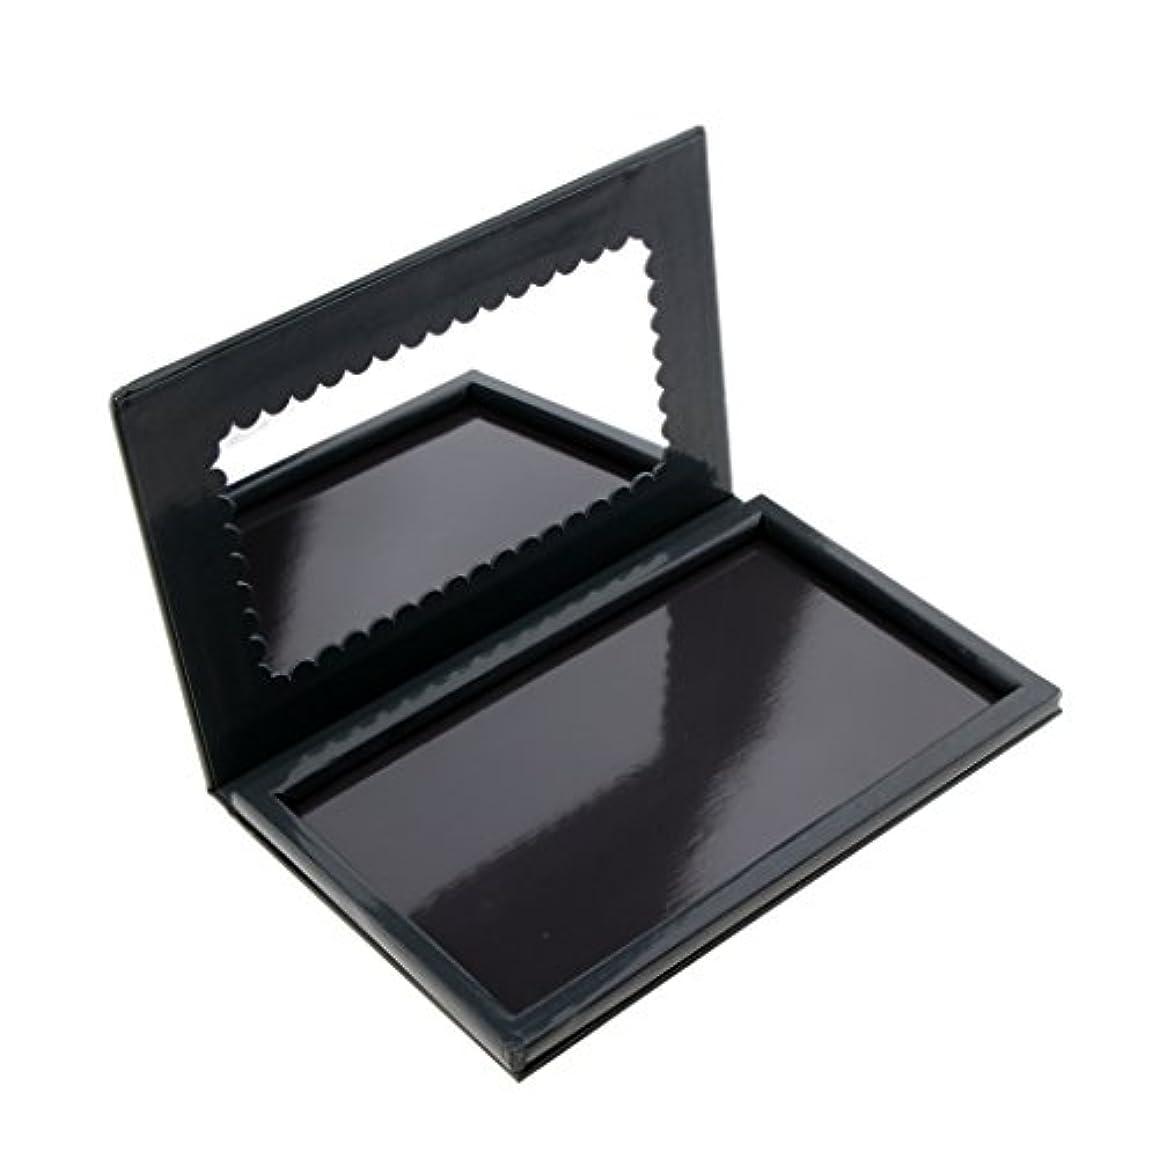 現金付き添い人ロマンスHomyl メイクアップパレット 磁気パレット コスメ 詰替え DIY 収納 ボックス メイクアップ